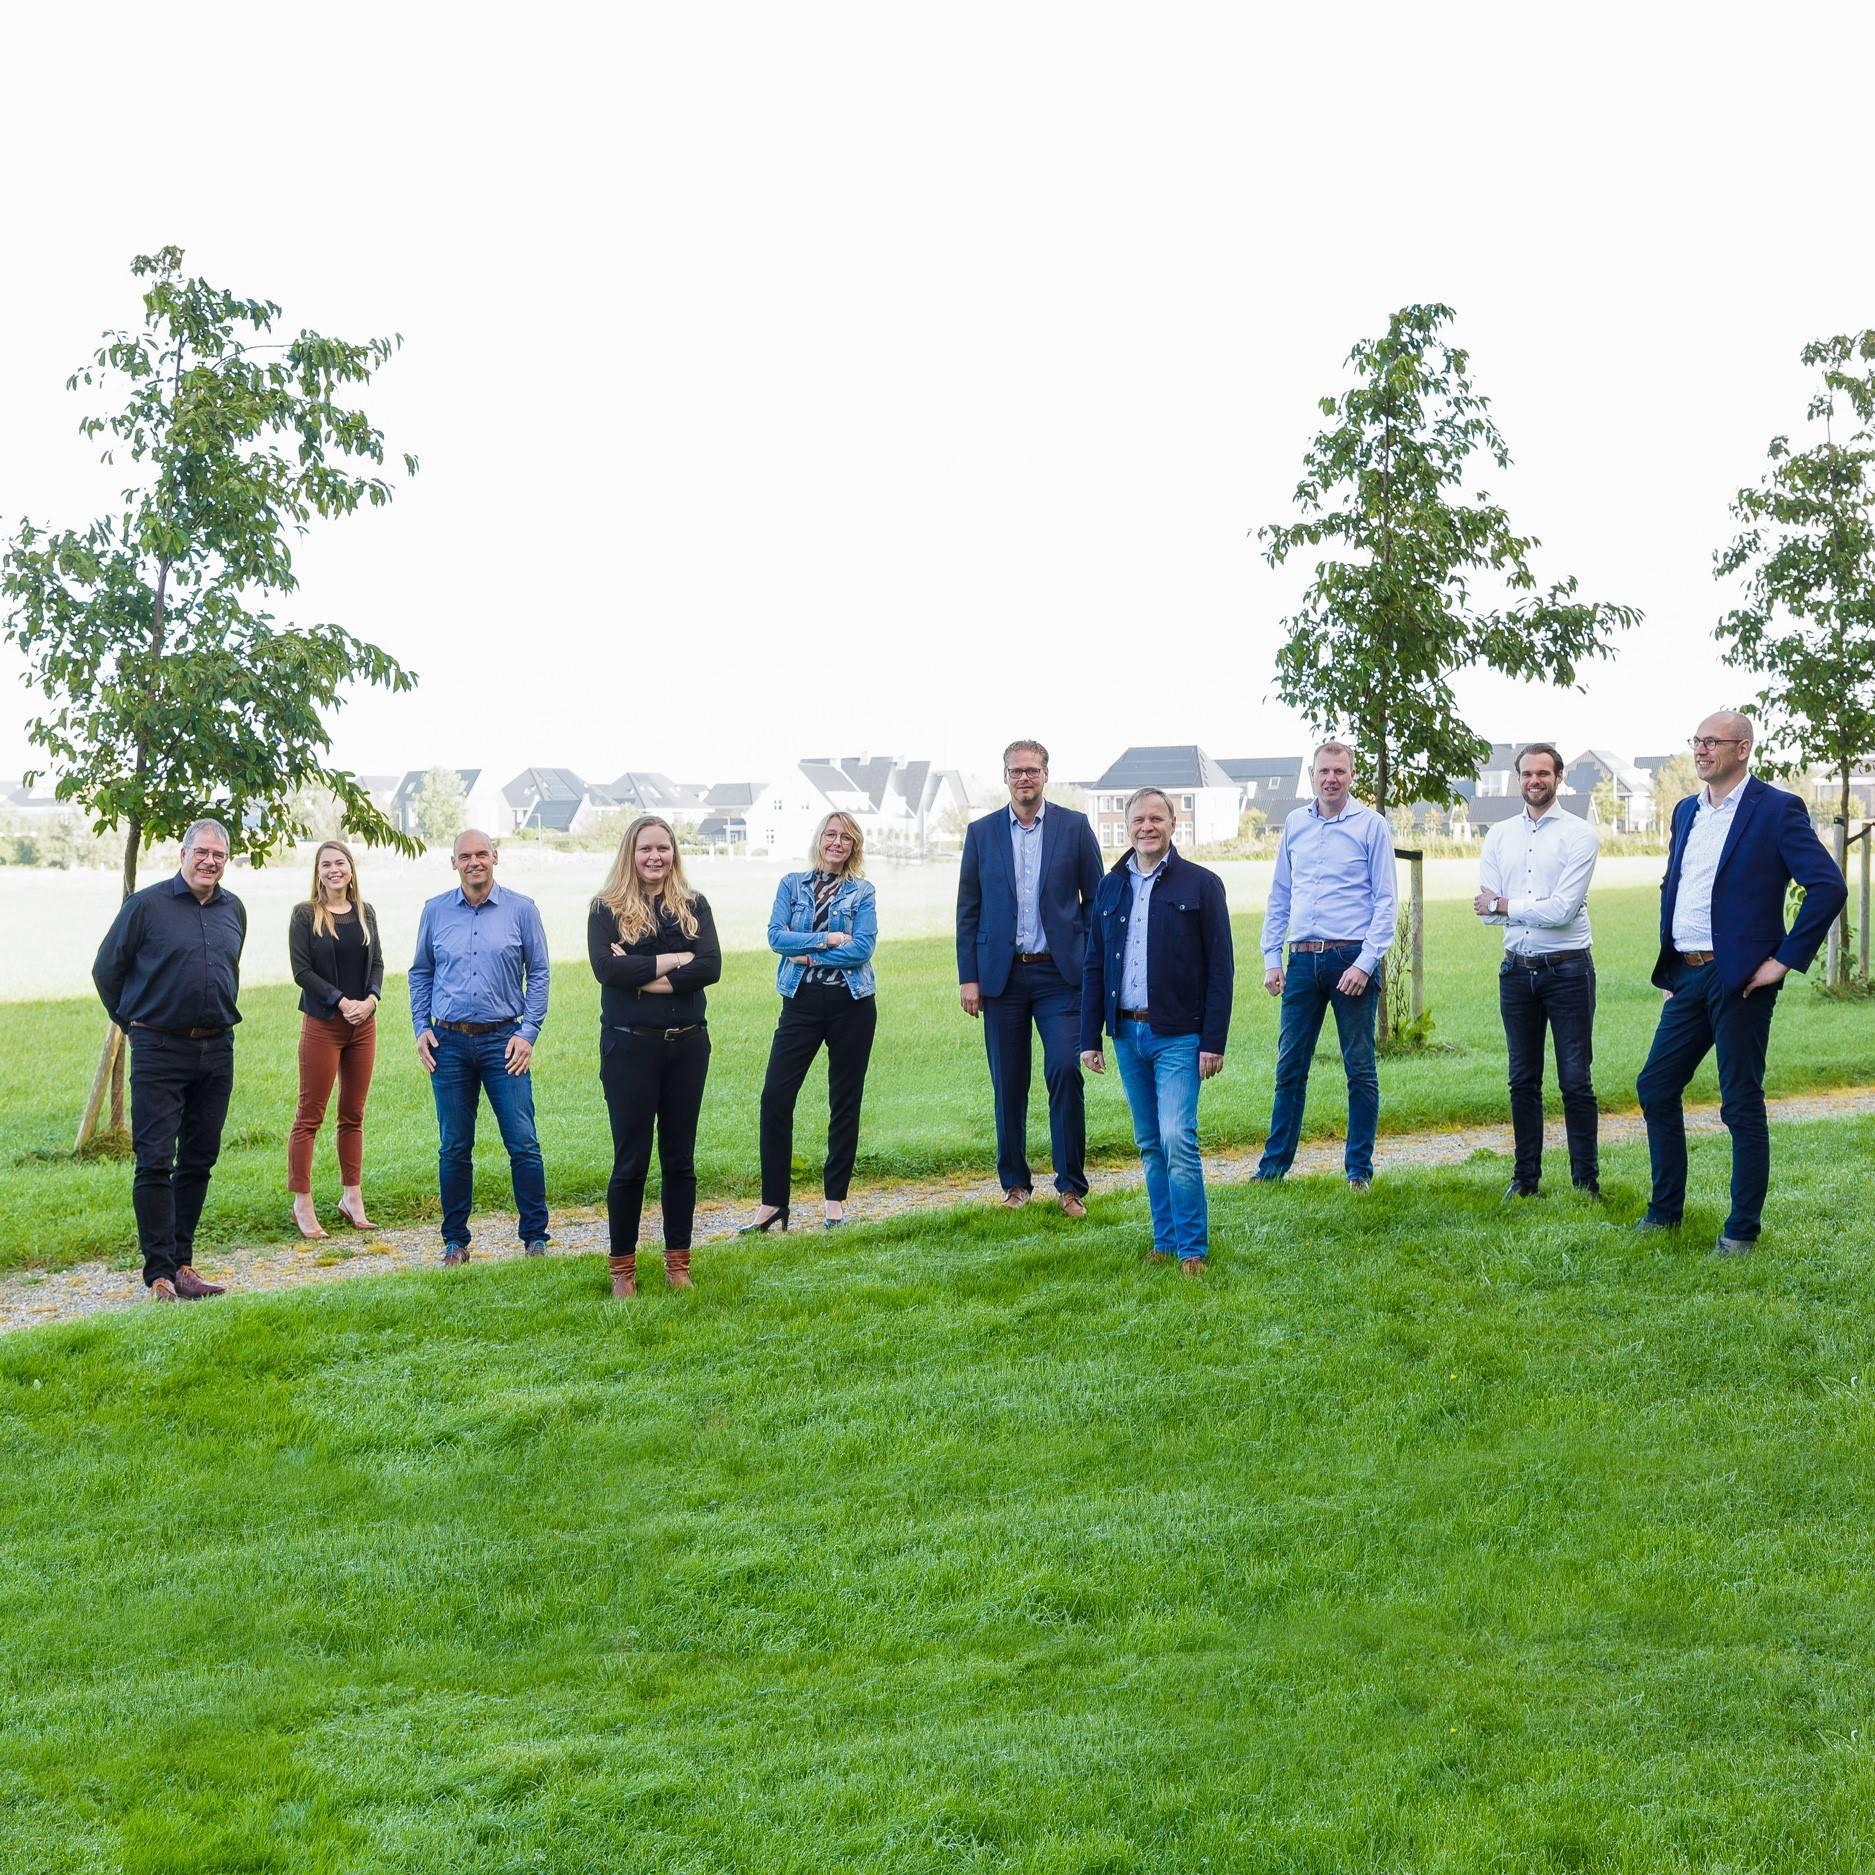 Leadteam Royal de Boer